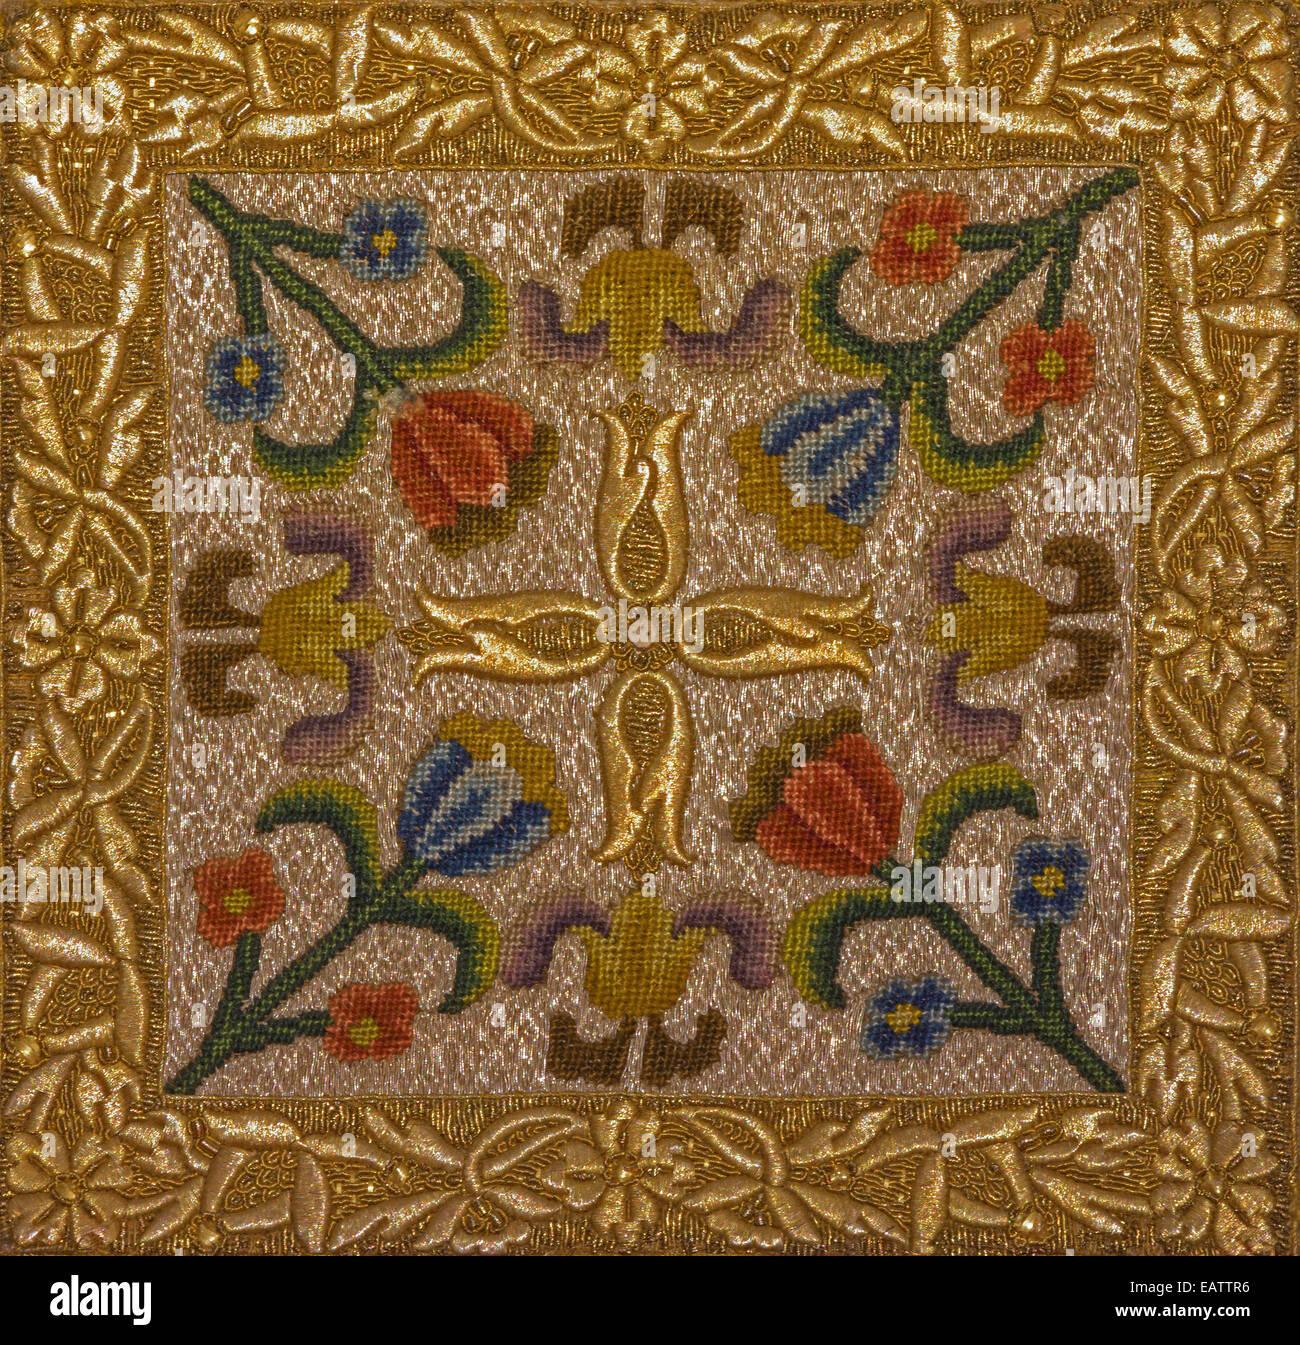 Bratislava - Le needelwork symbolique sur l'objet sacré (Bursa) à partir de 19. 100. à st. Martins Photo Stock